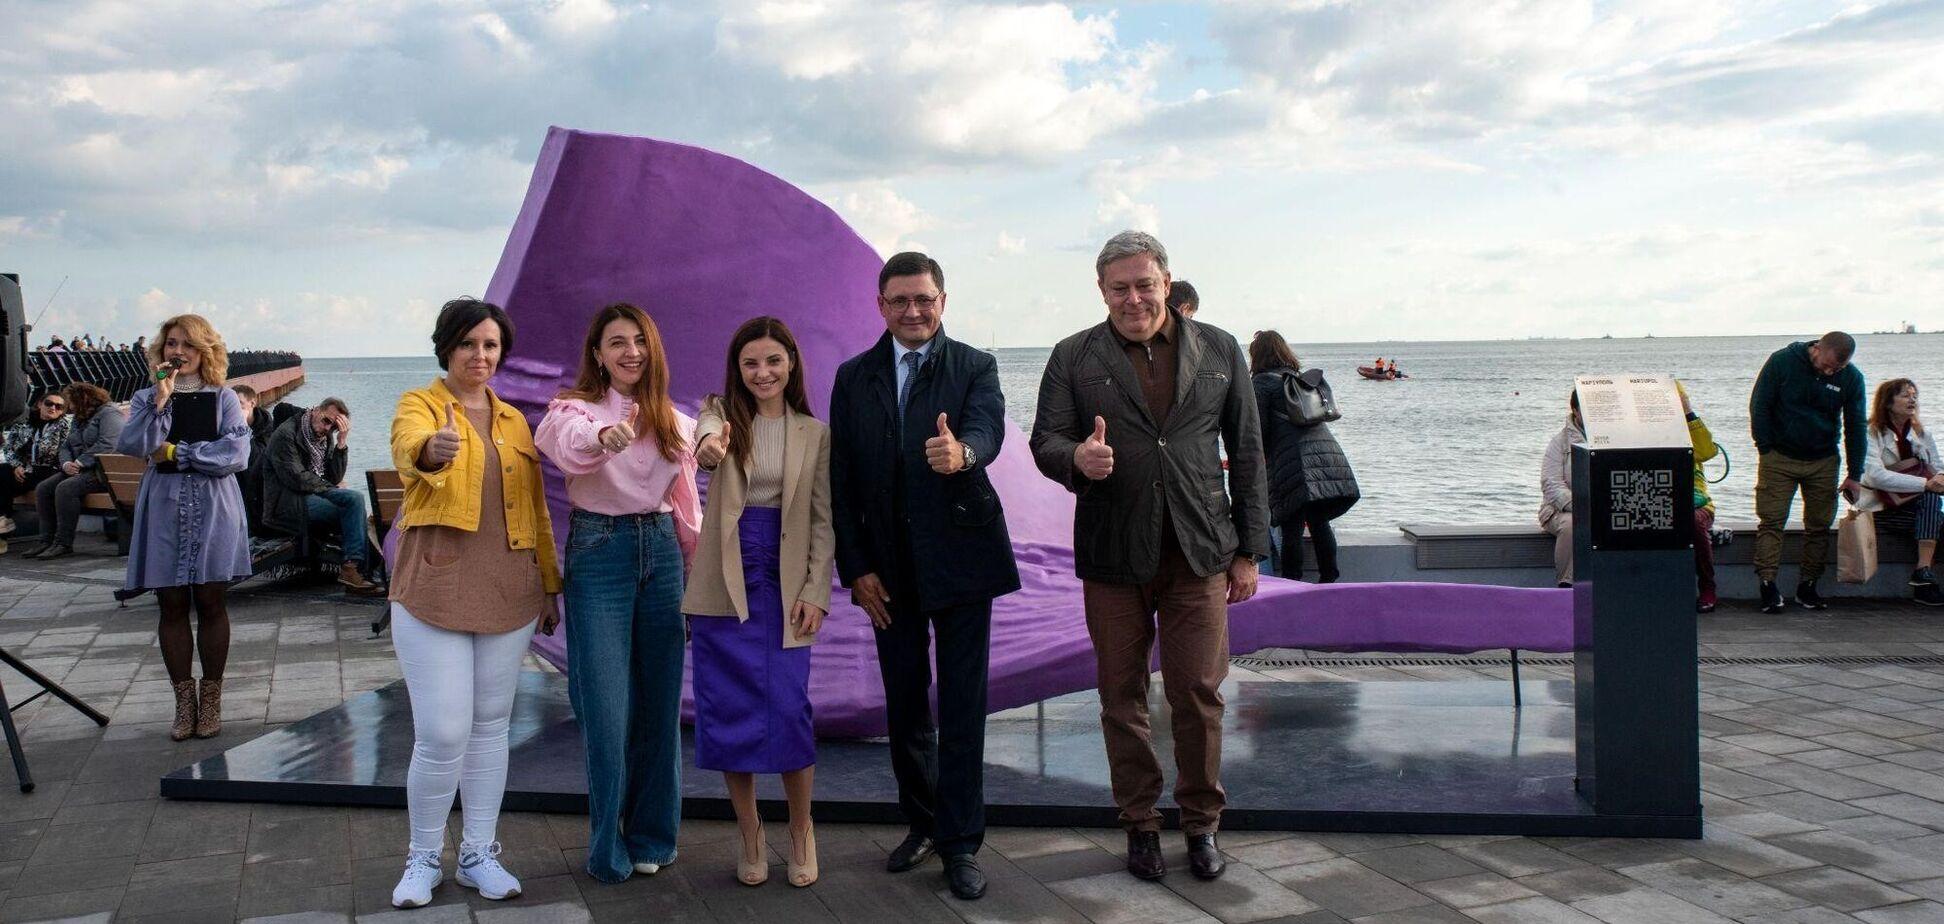 Звуки Маріуполя втілили в унікальній скульптурі – фіолетова хвиля на березі моря